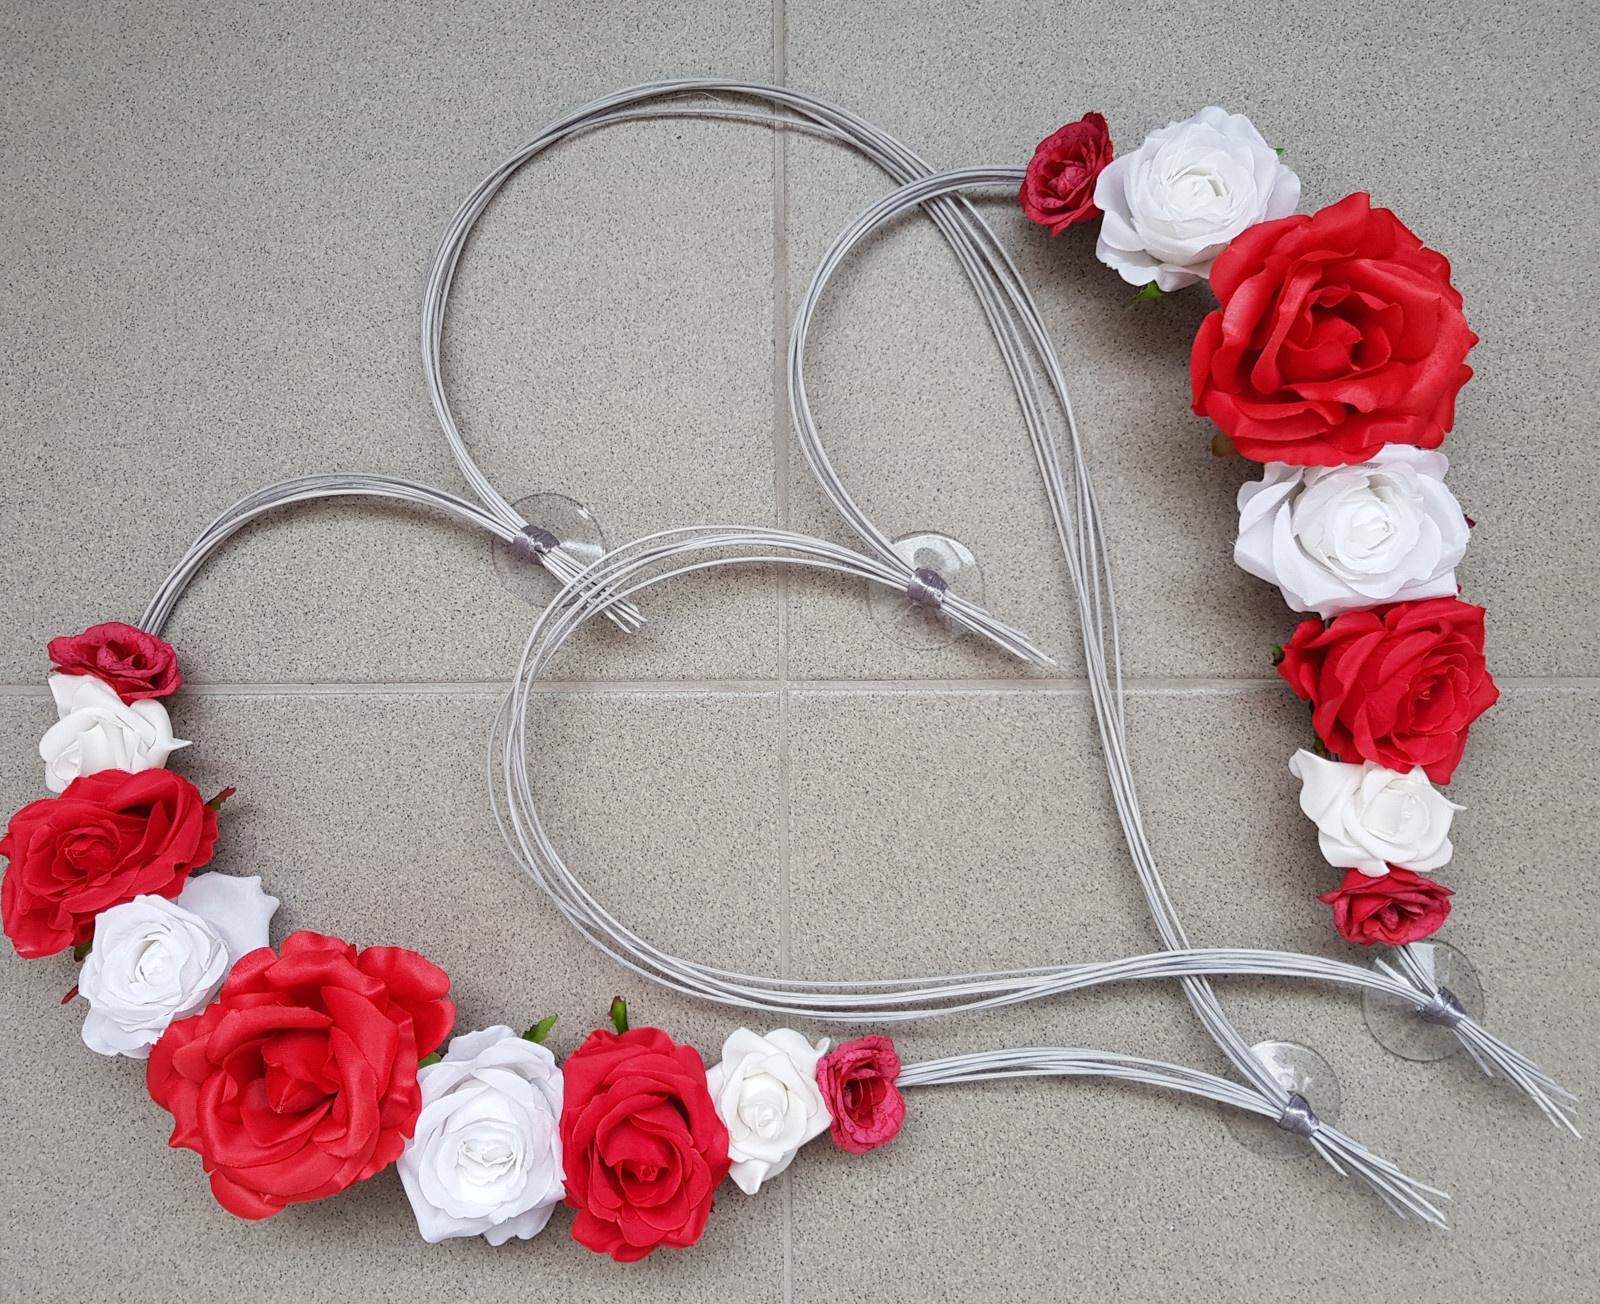 Srdce na kapotu bílá a červená - Obrázek č. 4